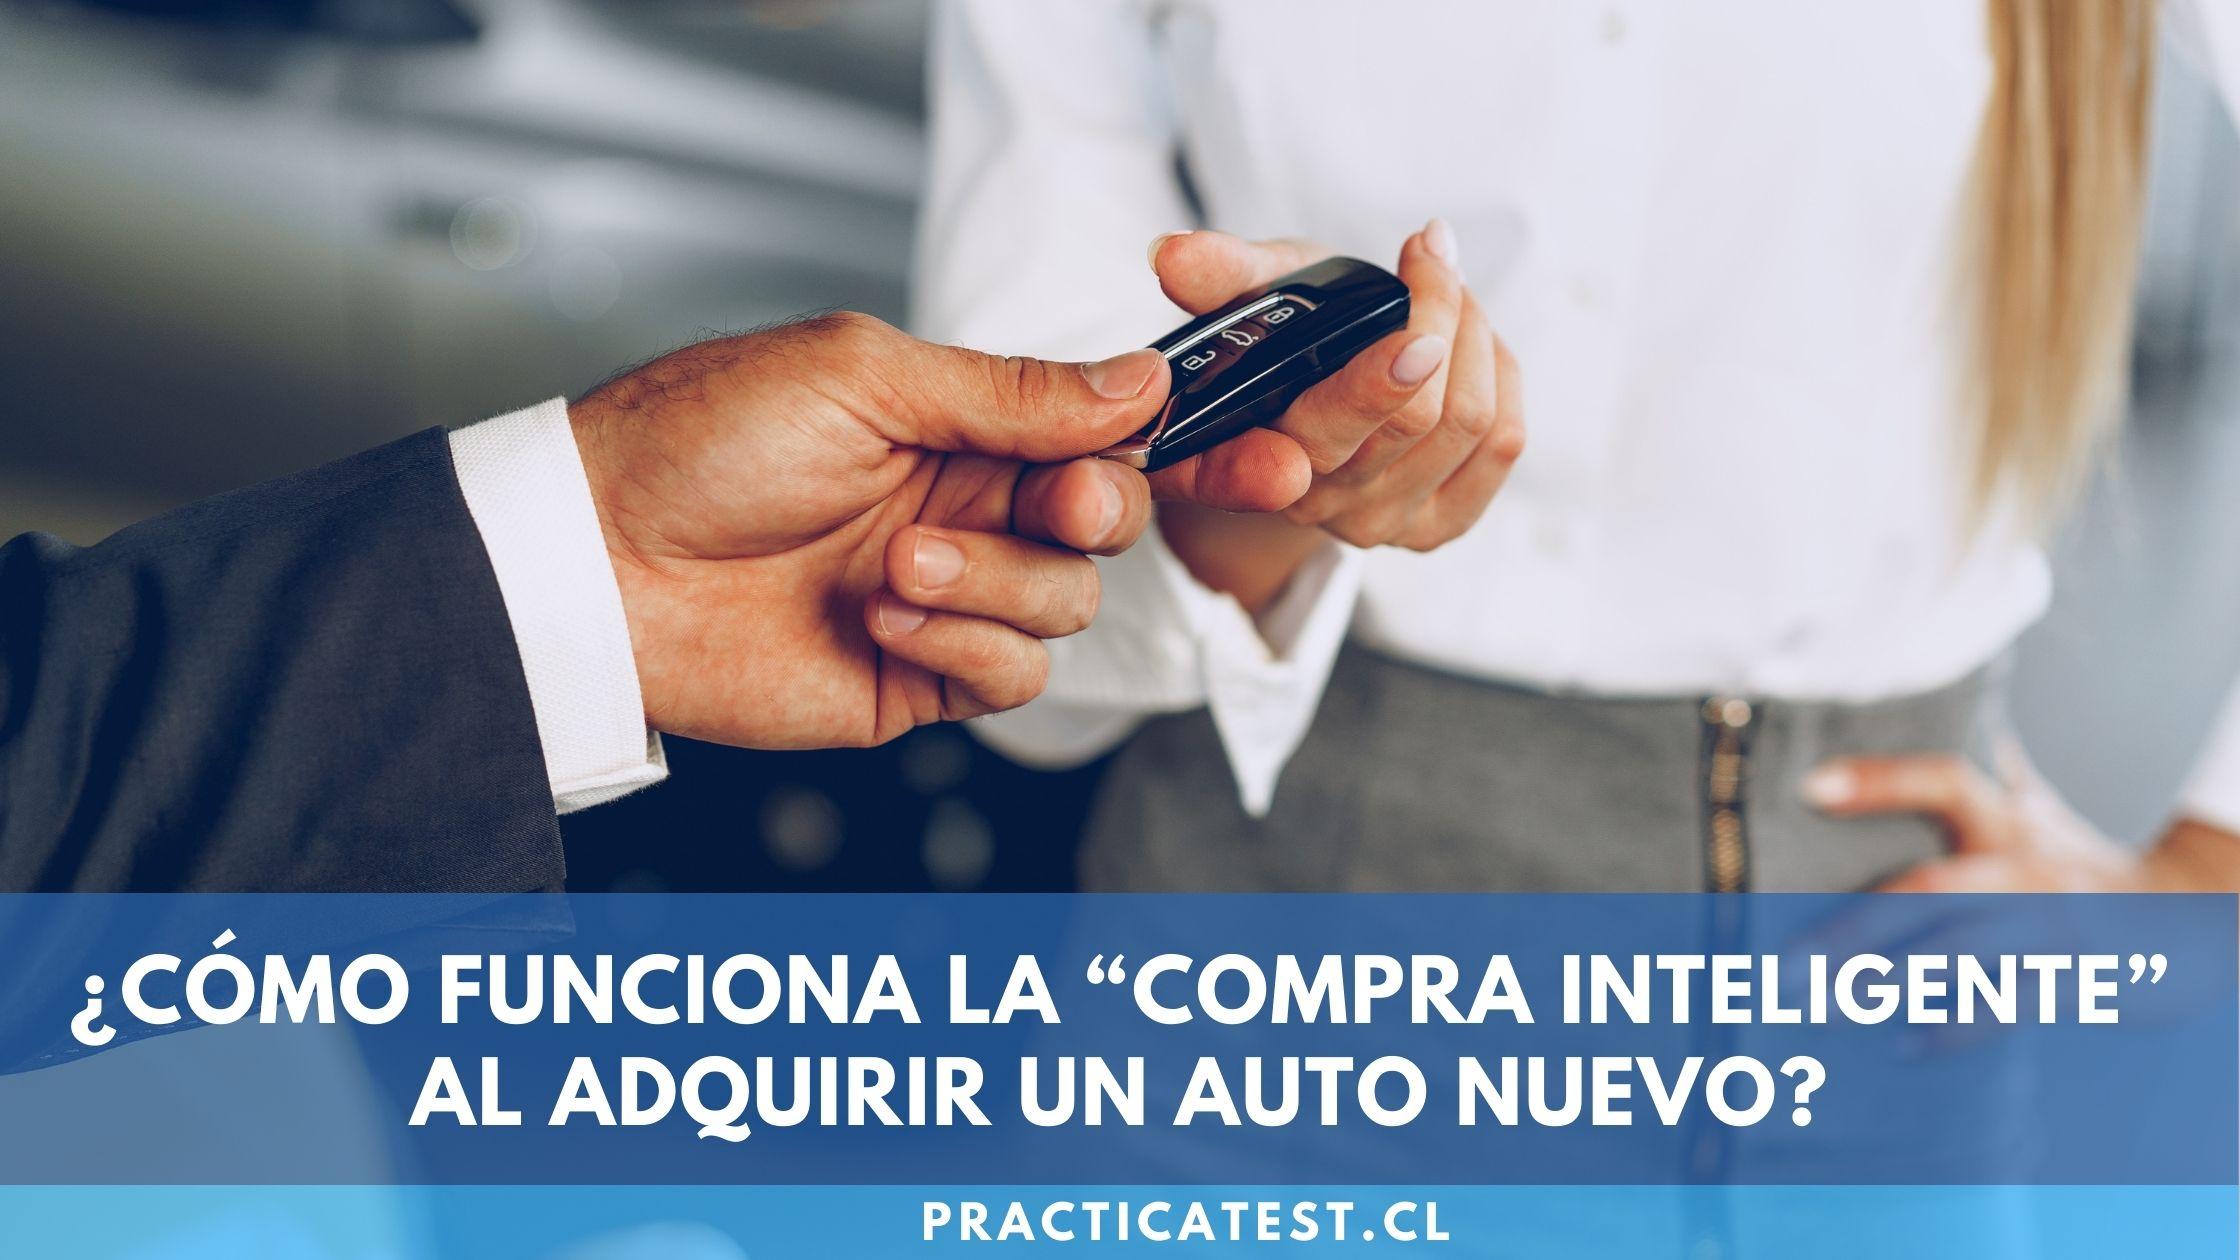 Compra inteligente o financiamiento de un auto nuevo: ventajas y desventajas